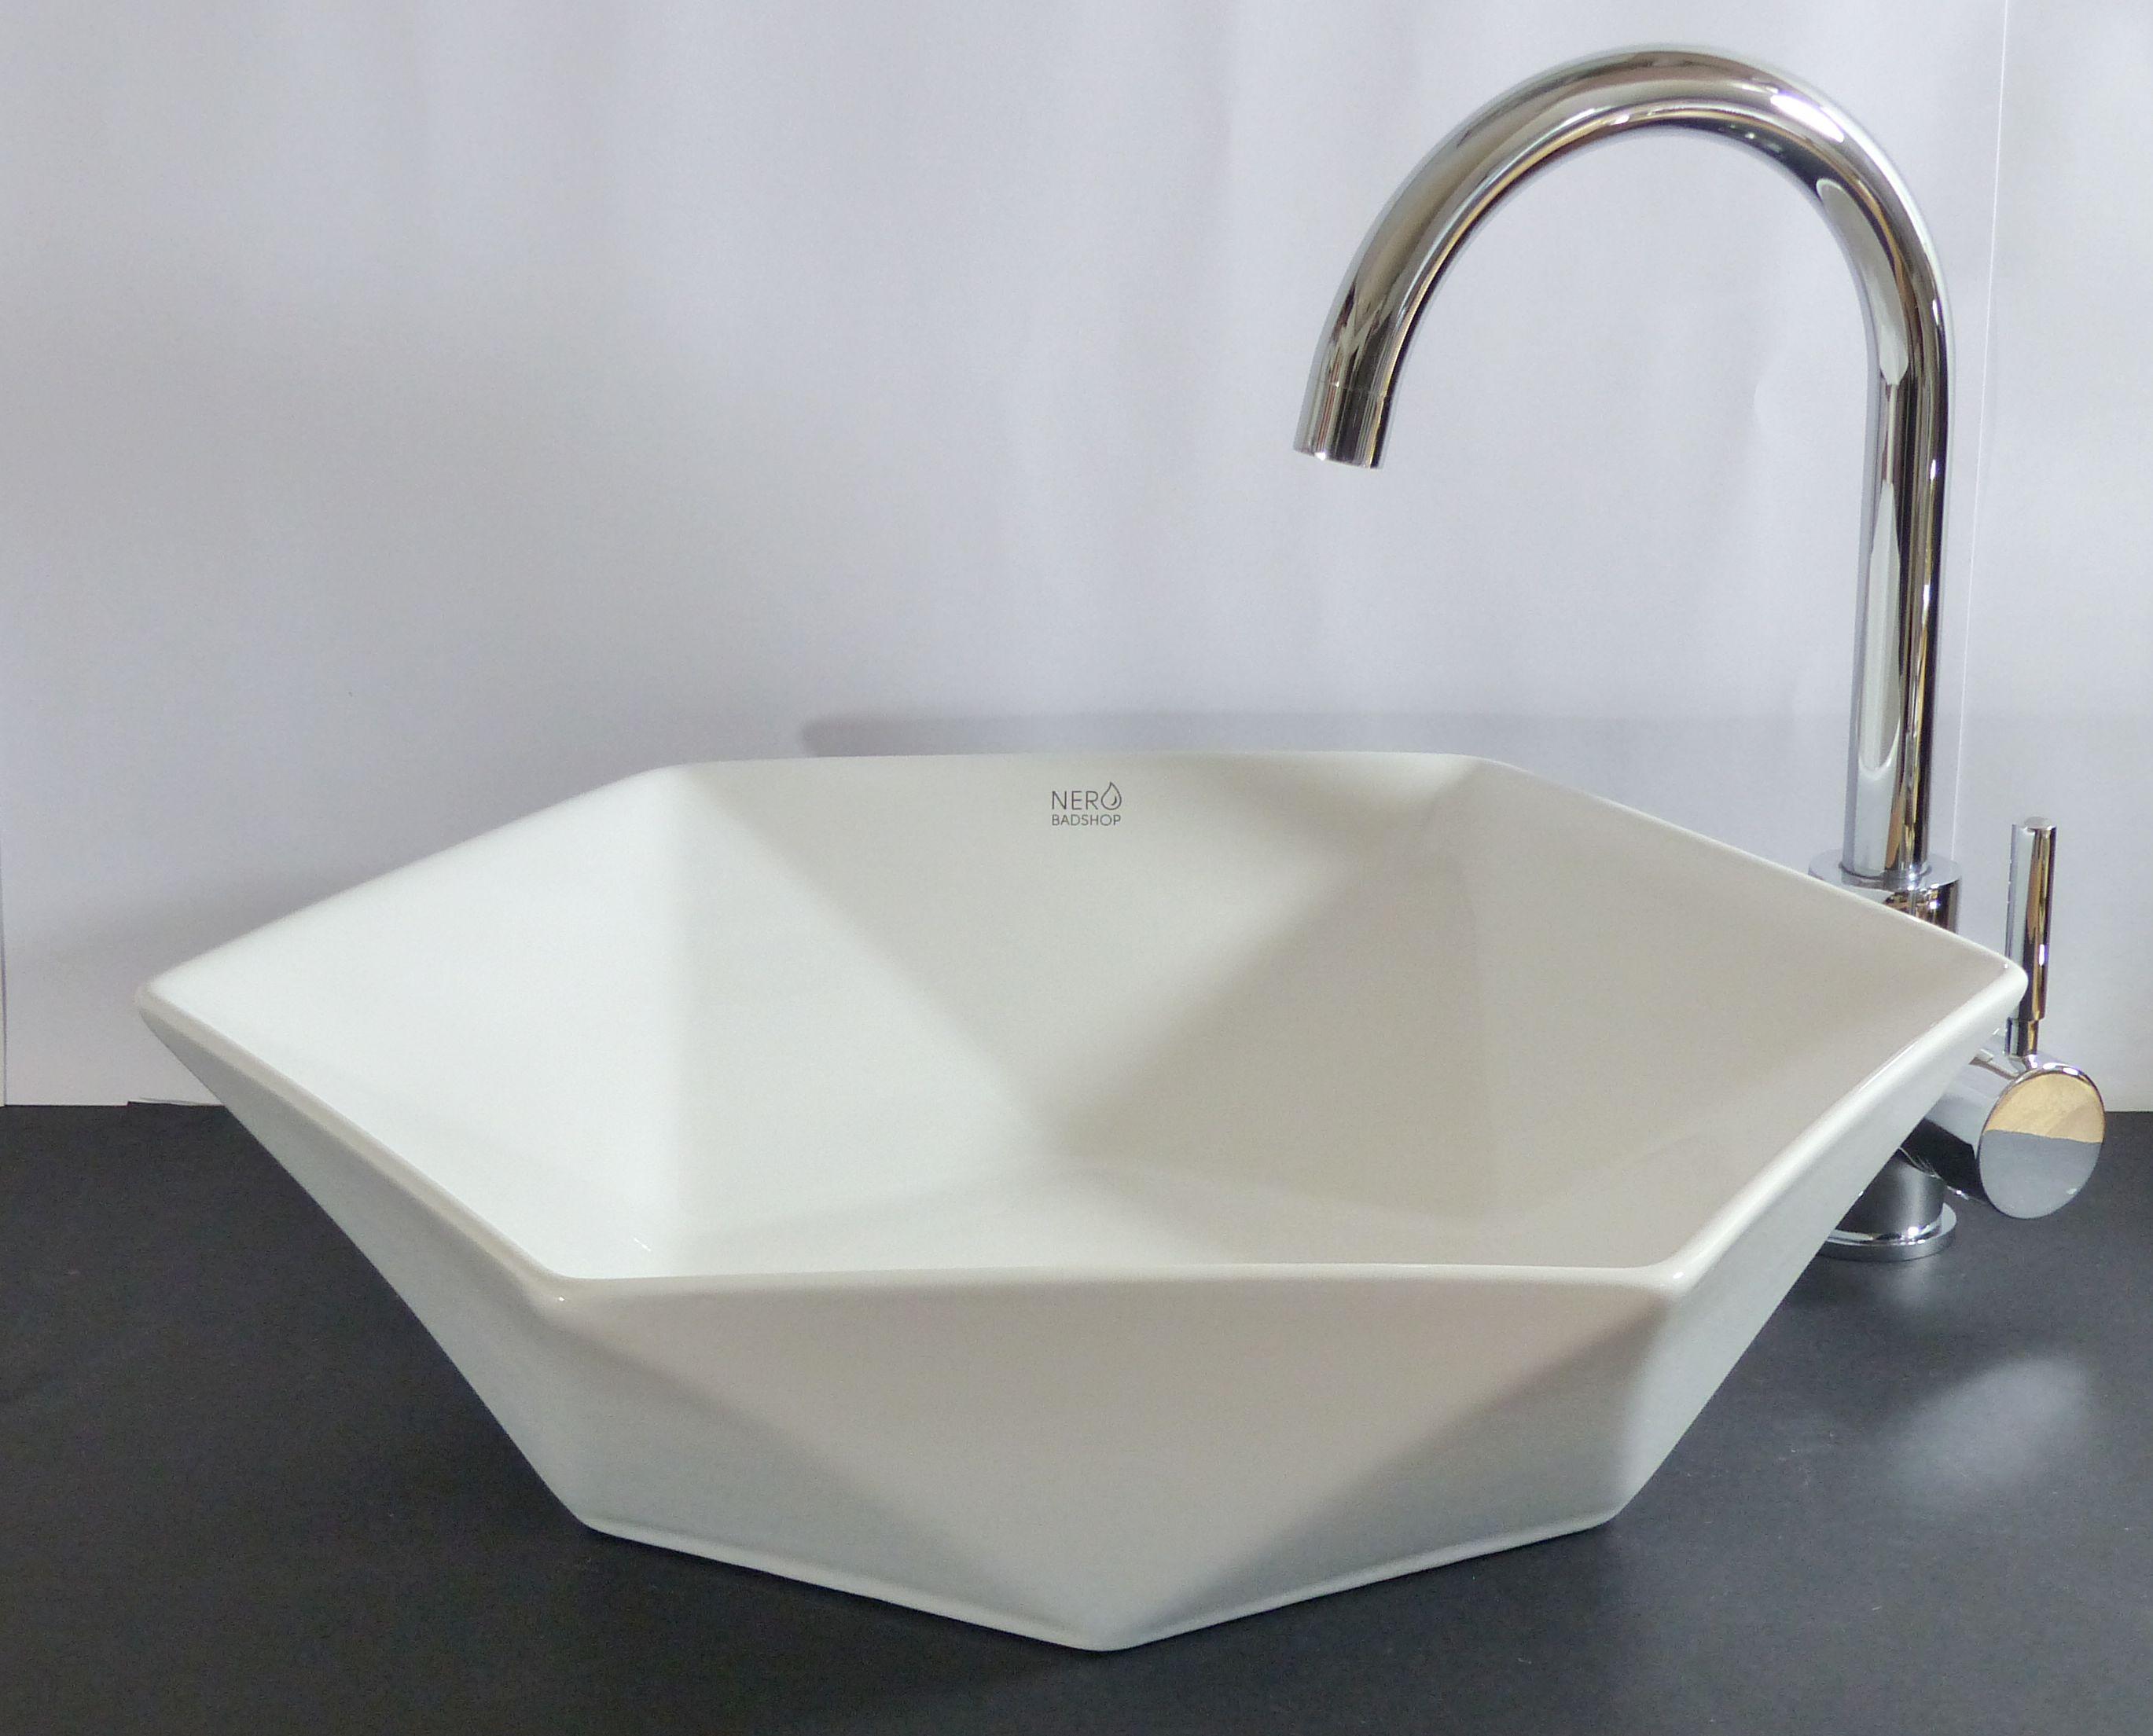 nero badshop keramik aufsatz waschbecken rund eckig online kaufen. Black Bedroom Furniture Sets. Home Design Ideas